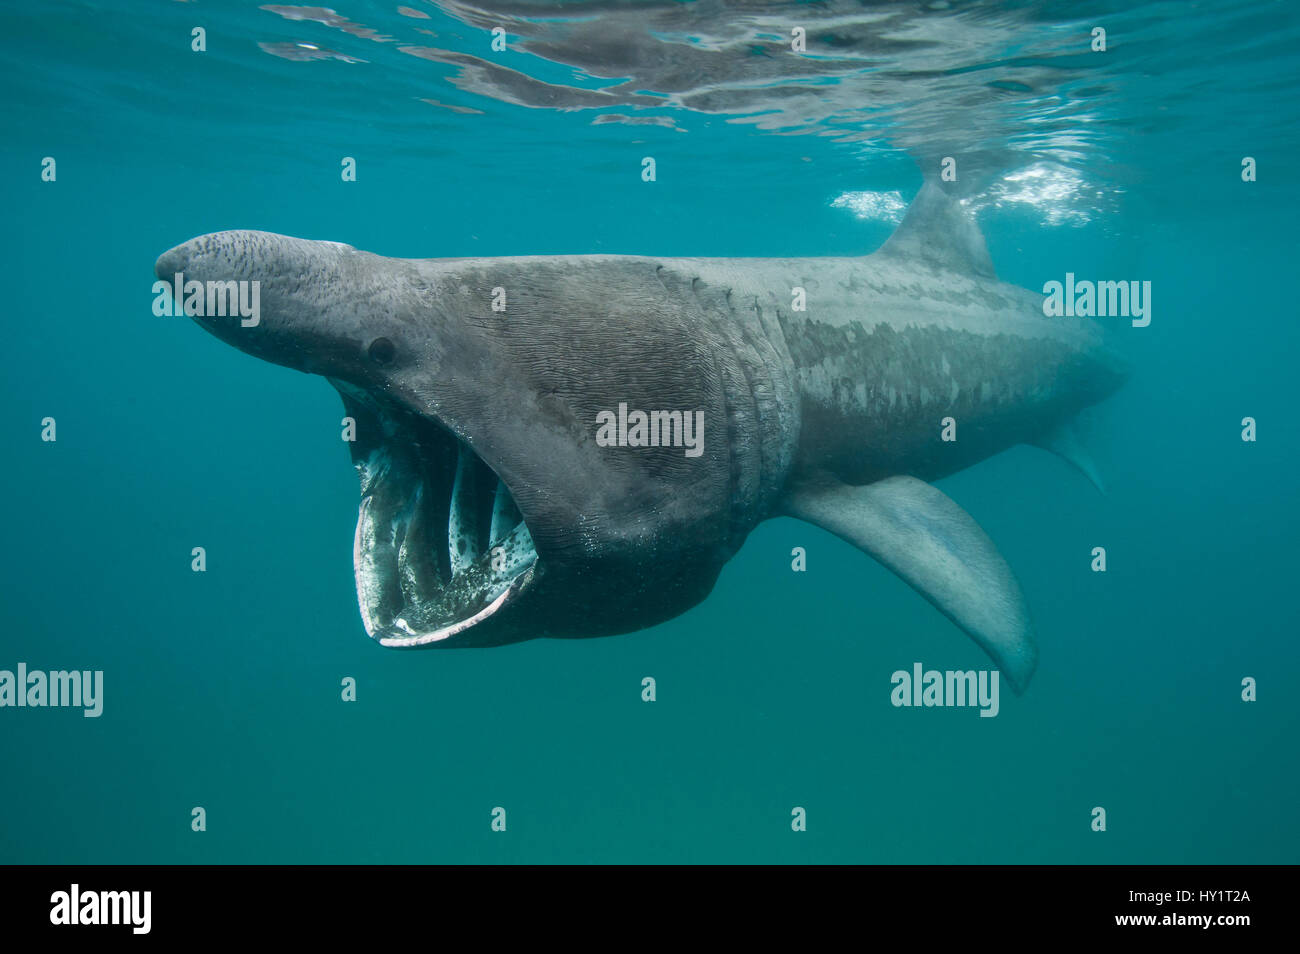 Tiburón peregrino (Cetorhinus maximus) alimentación en aguas poco profundas. Sennen Cove, Cornualles, en el Reino Unido. De junio. Foto de stock